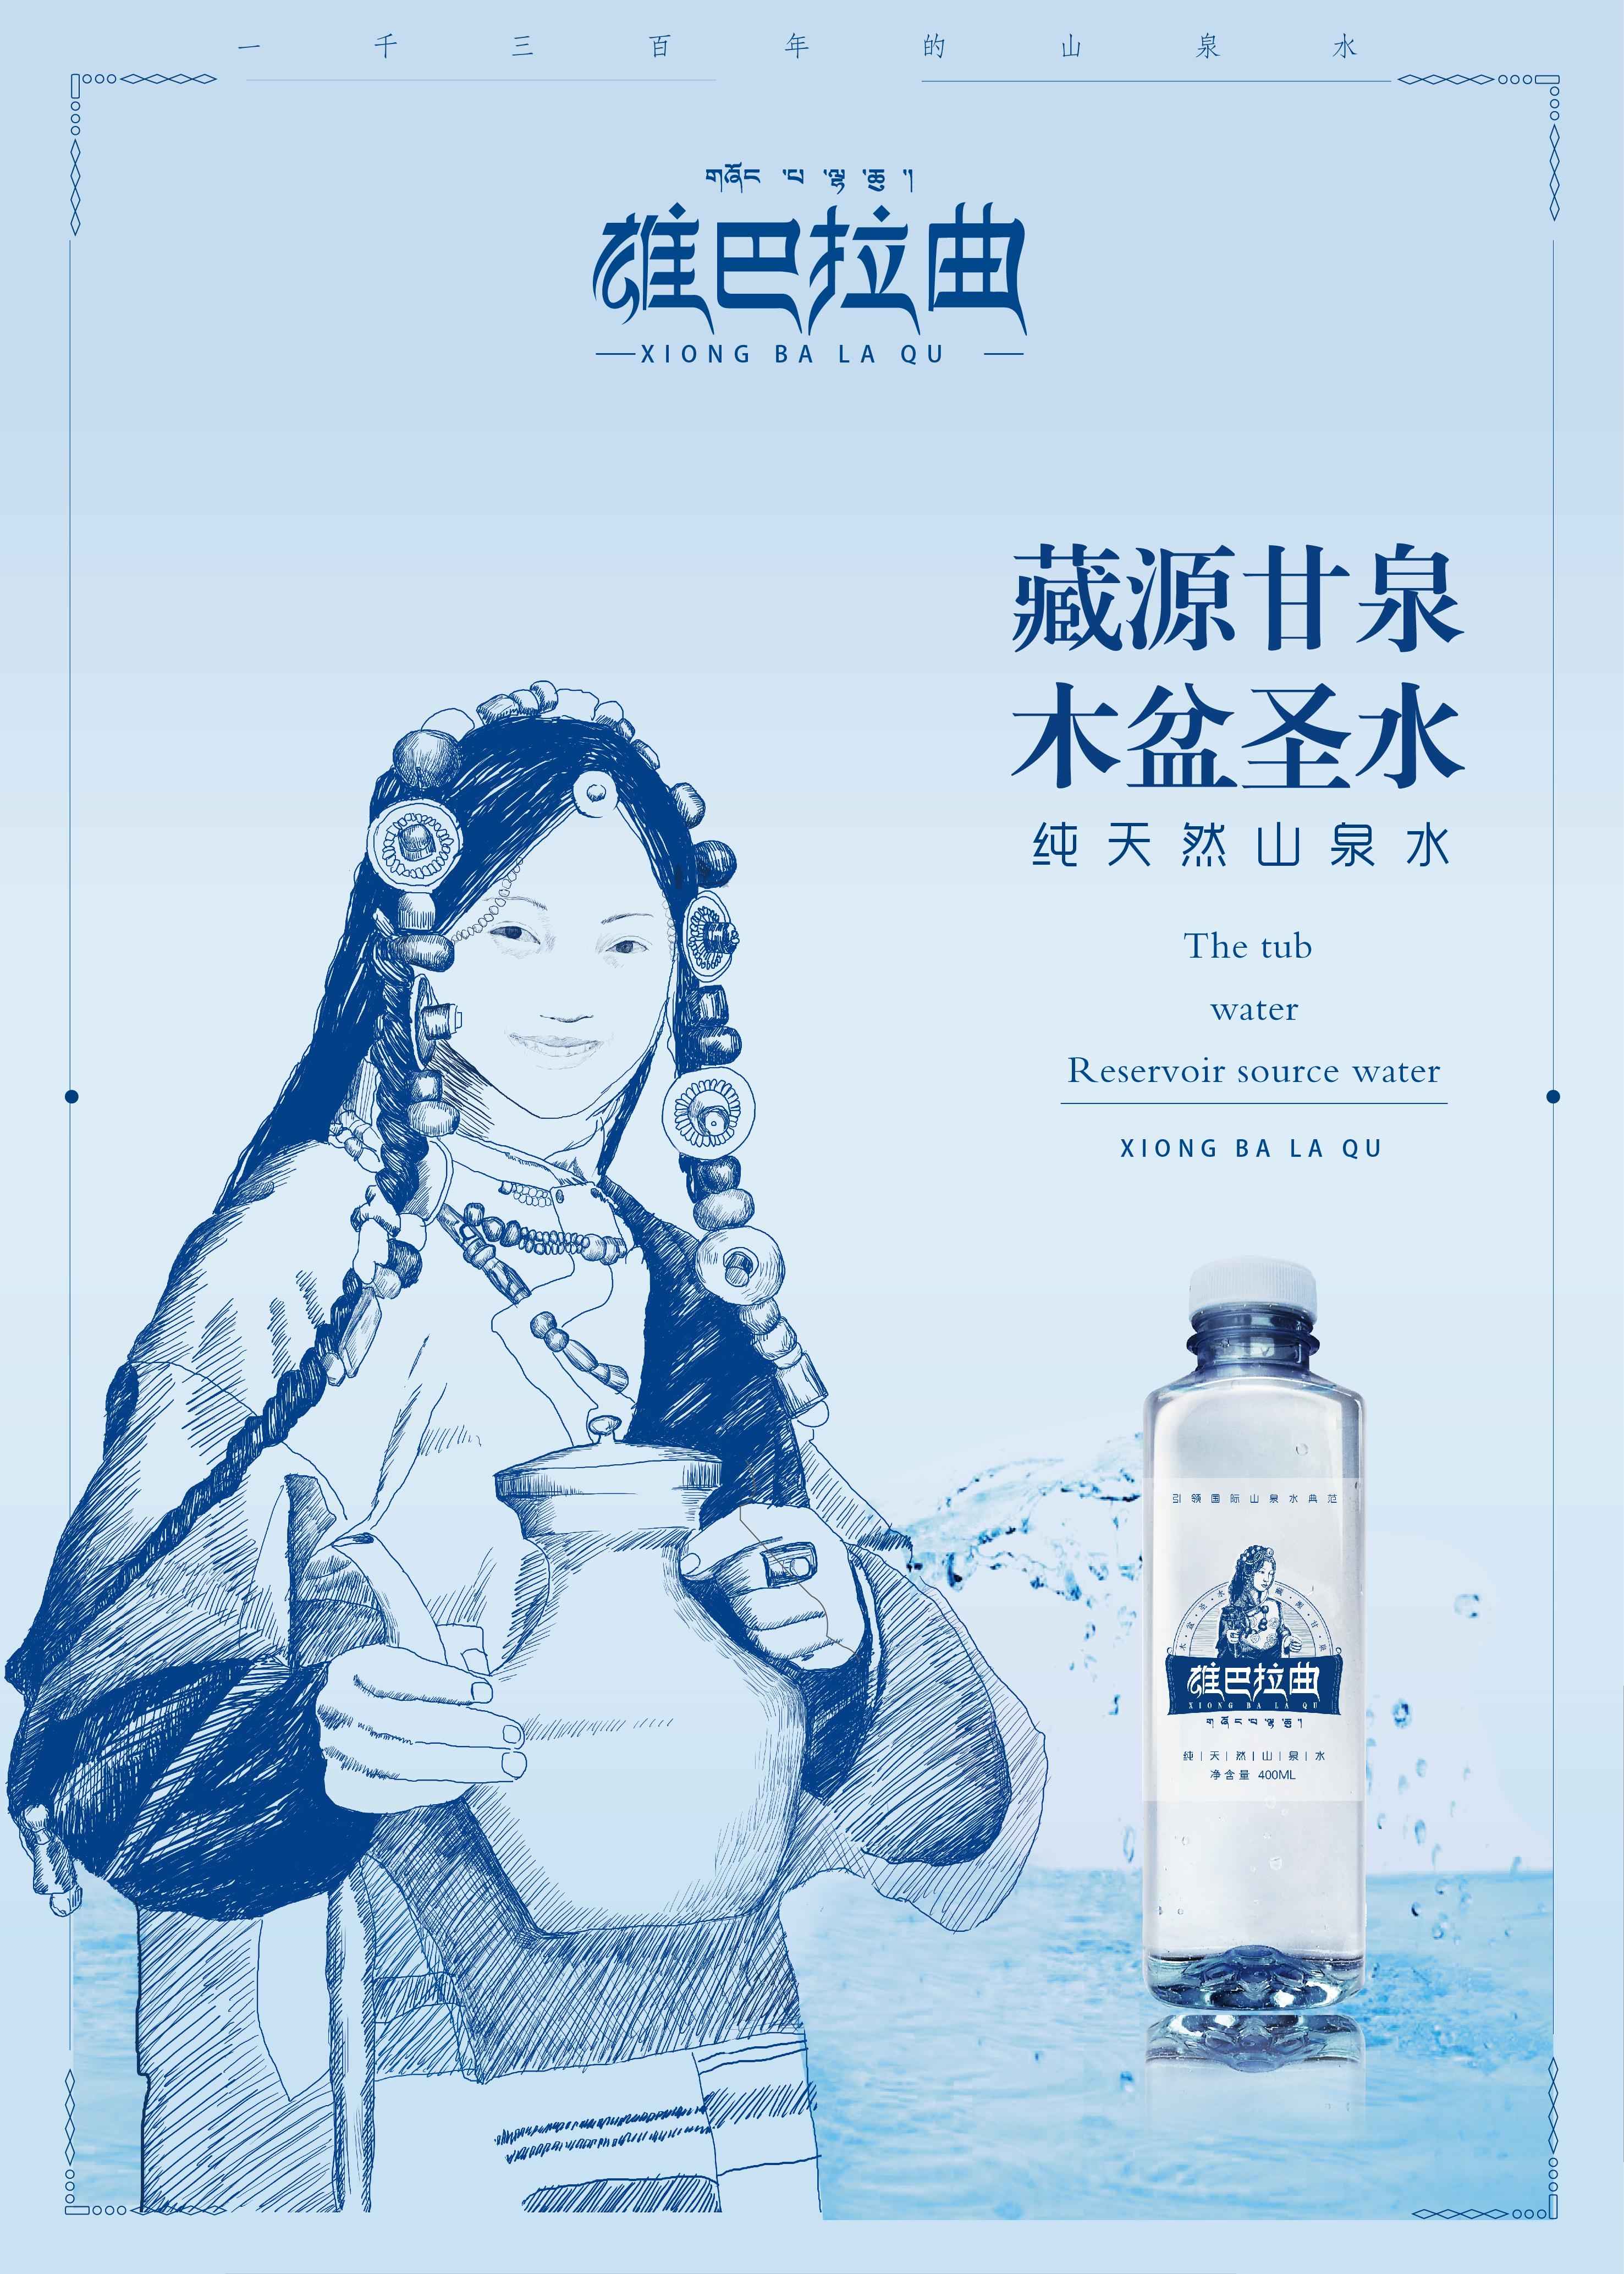 山泉水提案海报手绘藏族小姑娘